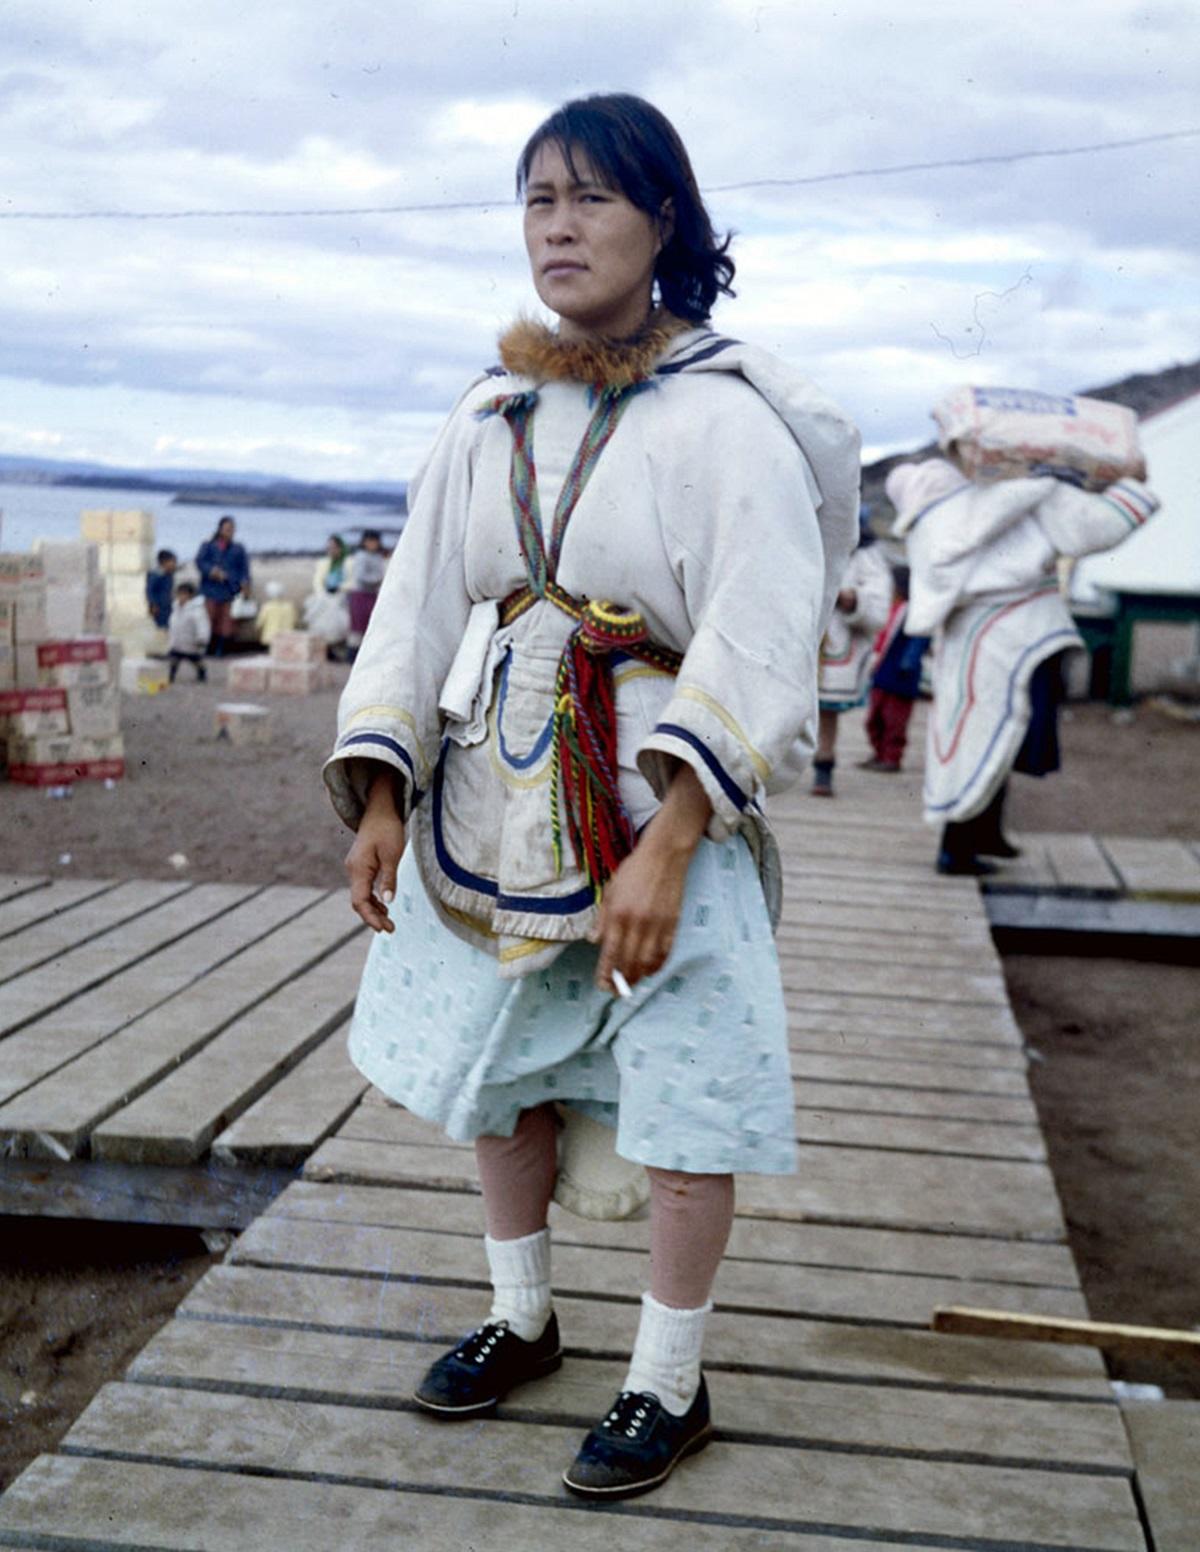 detabouiser-la-sexualite-inuite-un-mot-a-la-fois-6